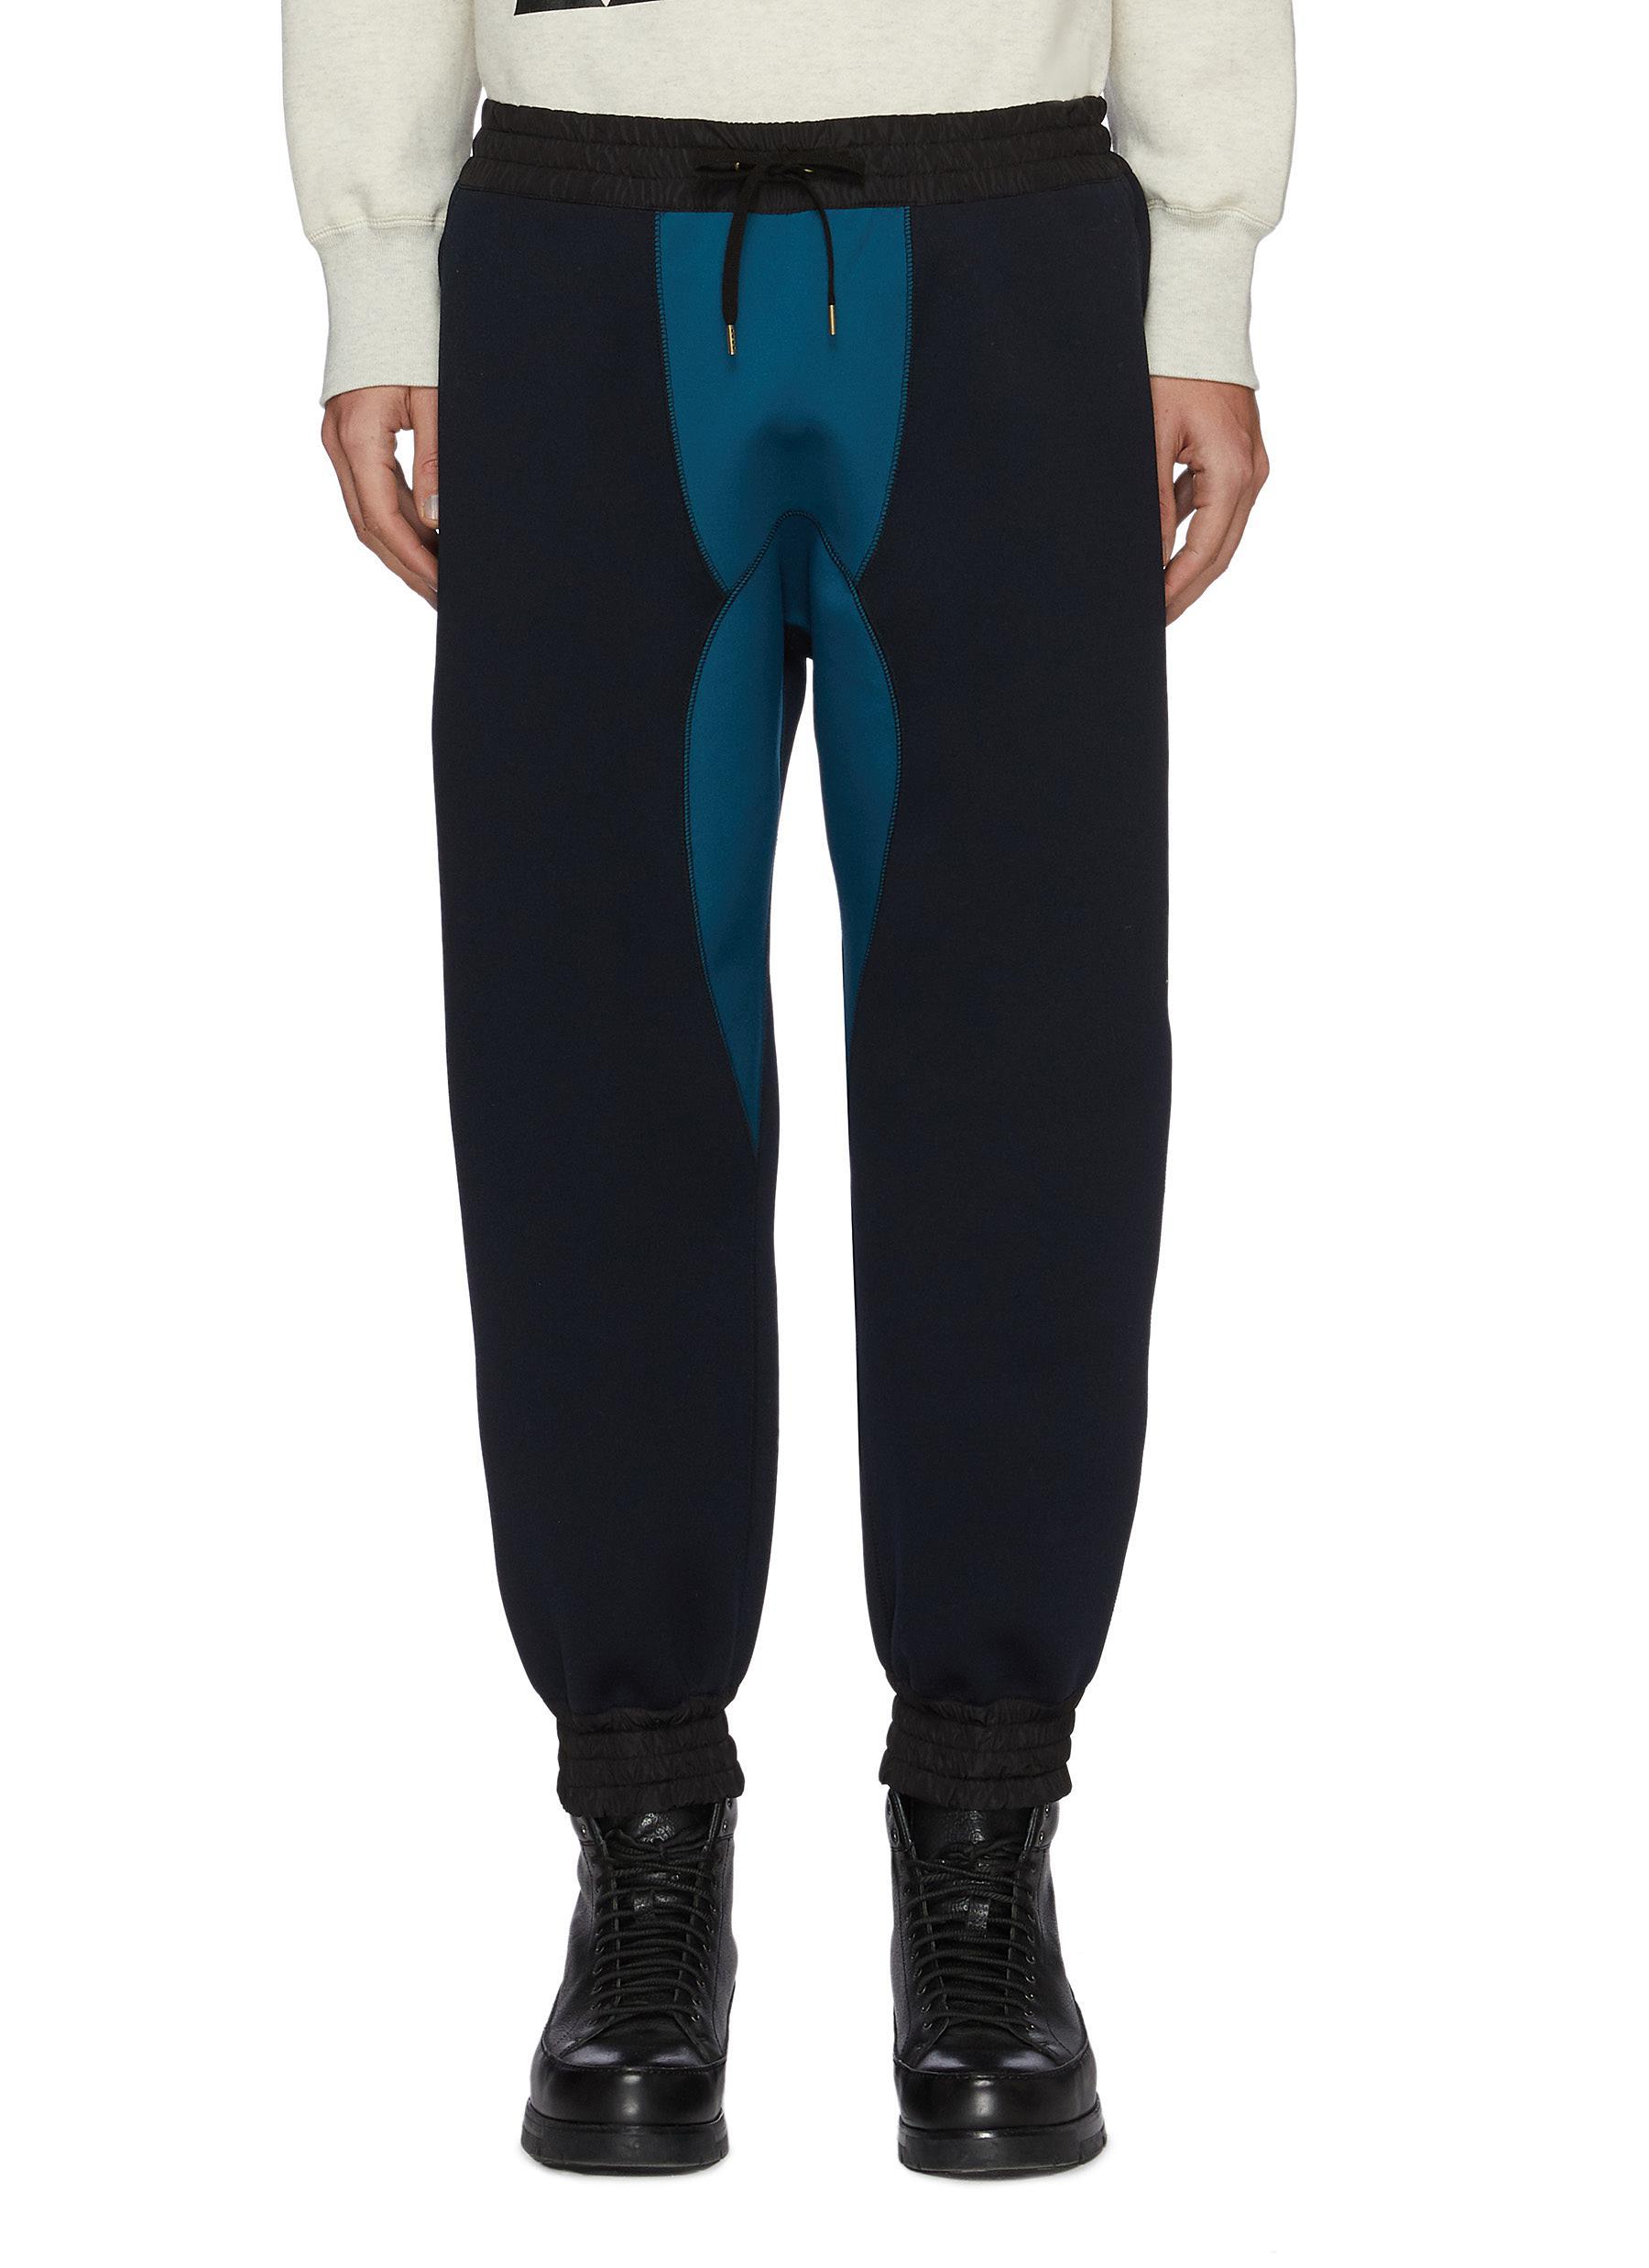 Contrast panel jogger pants - KOLOR - Modalova